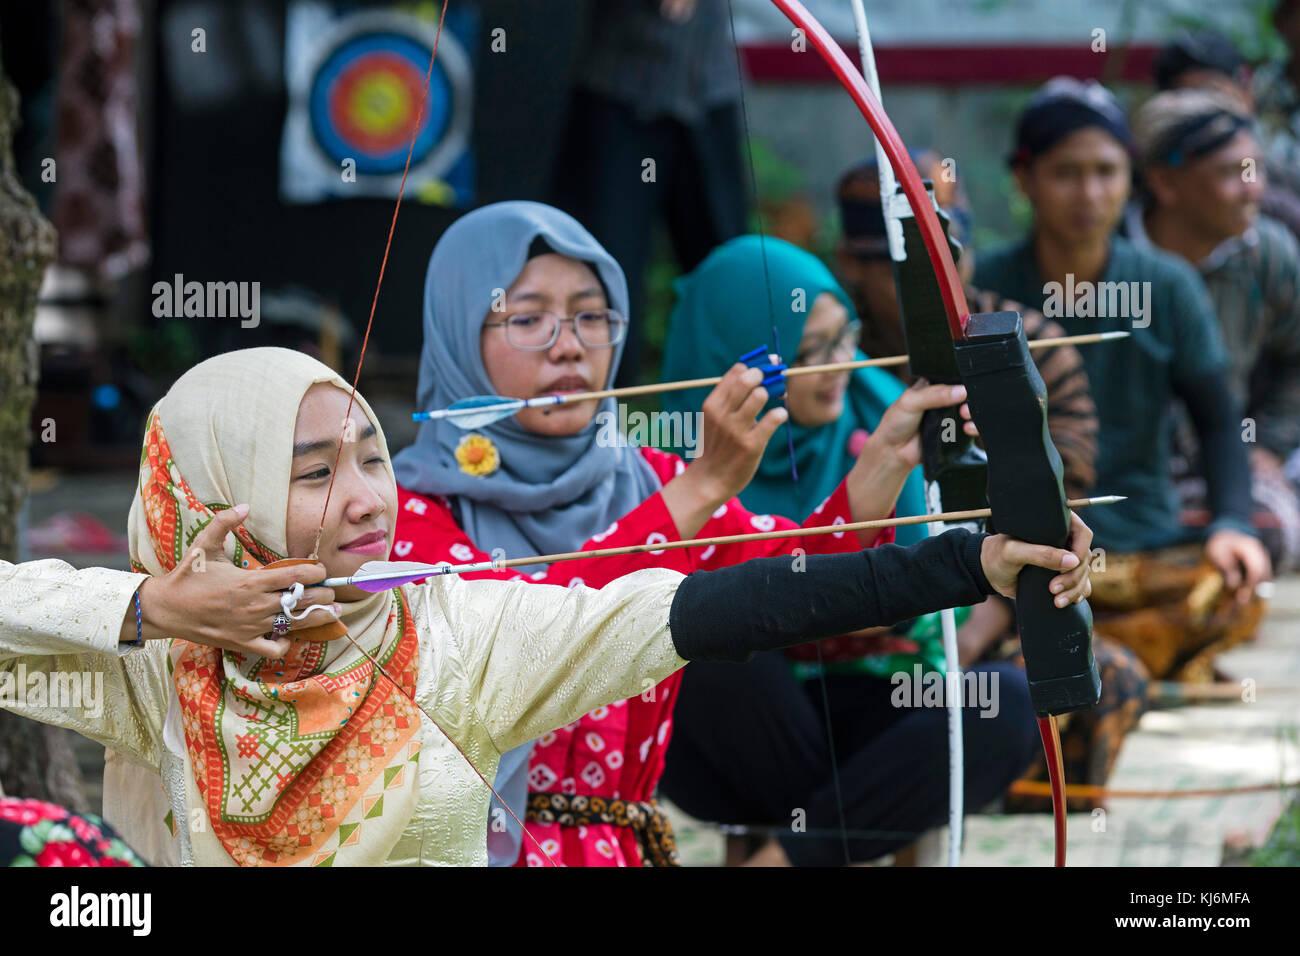 Indonesische Mädchen üben jemparingan/traditionellen javanischen Bogenschießen Mit Pfeil und Bogen Stockbild